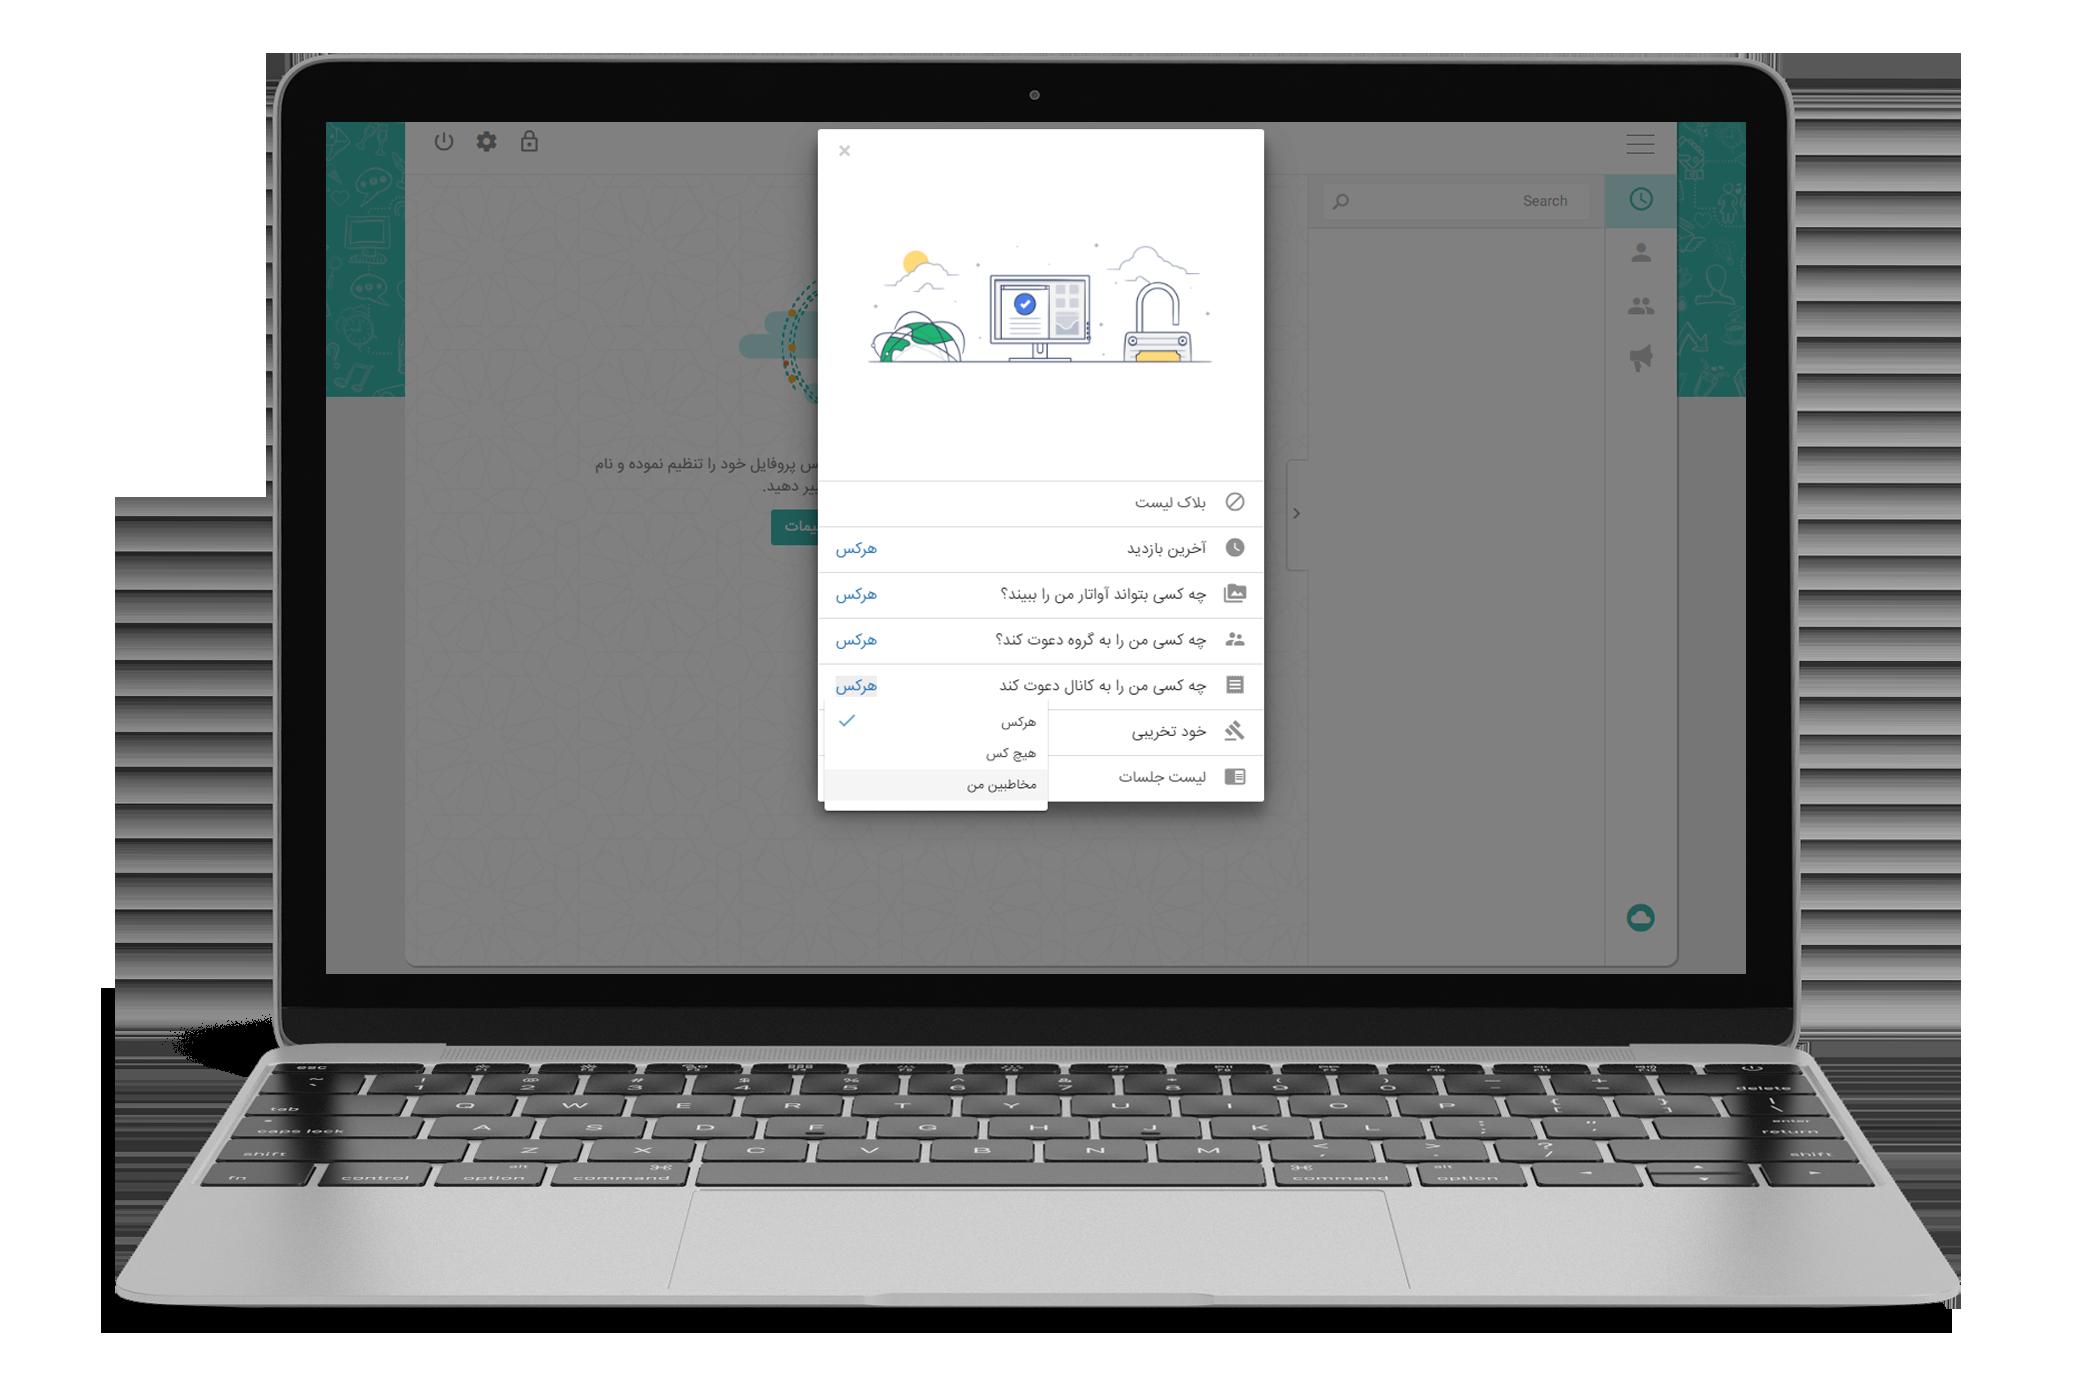 حریم خصوصی و تنظیمات بخش های آن در نسخه وب